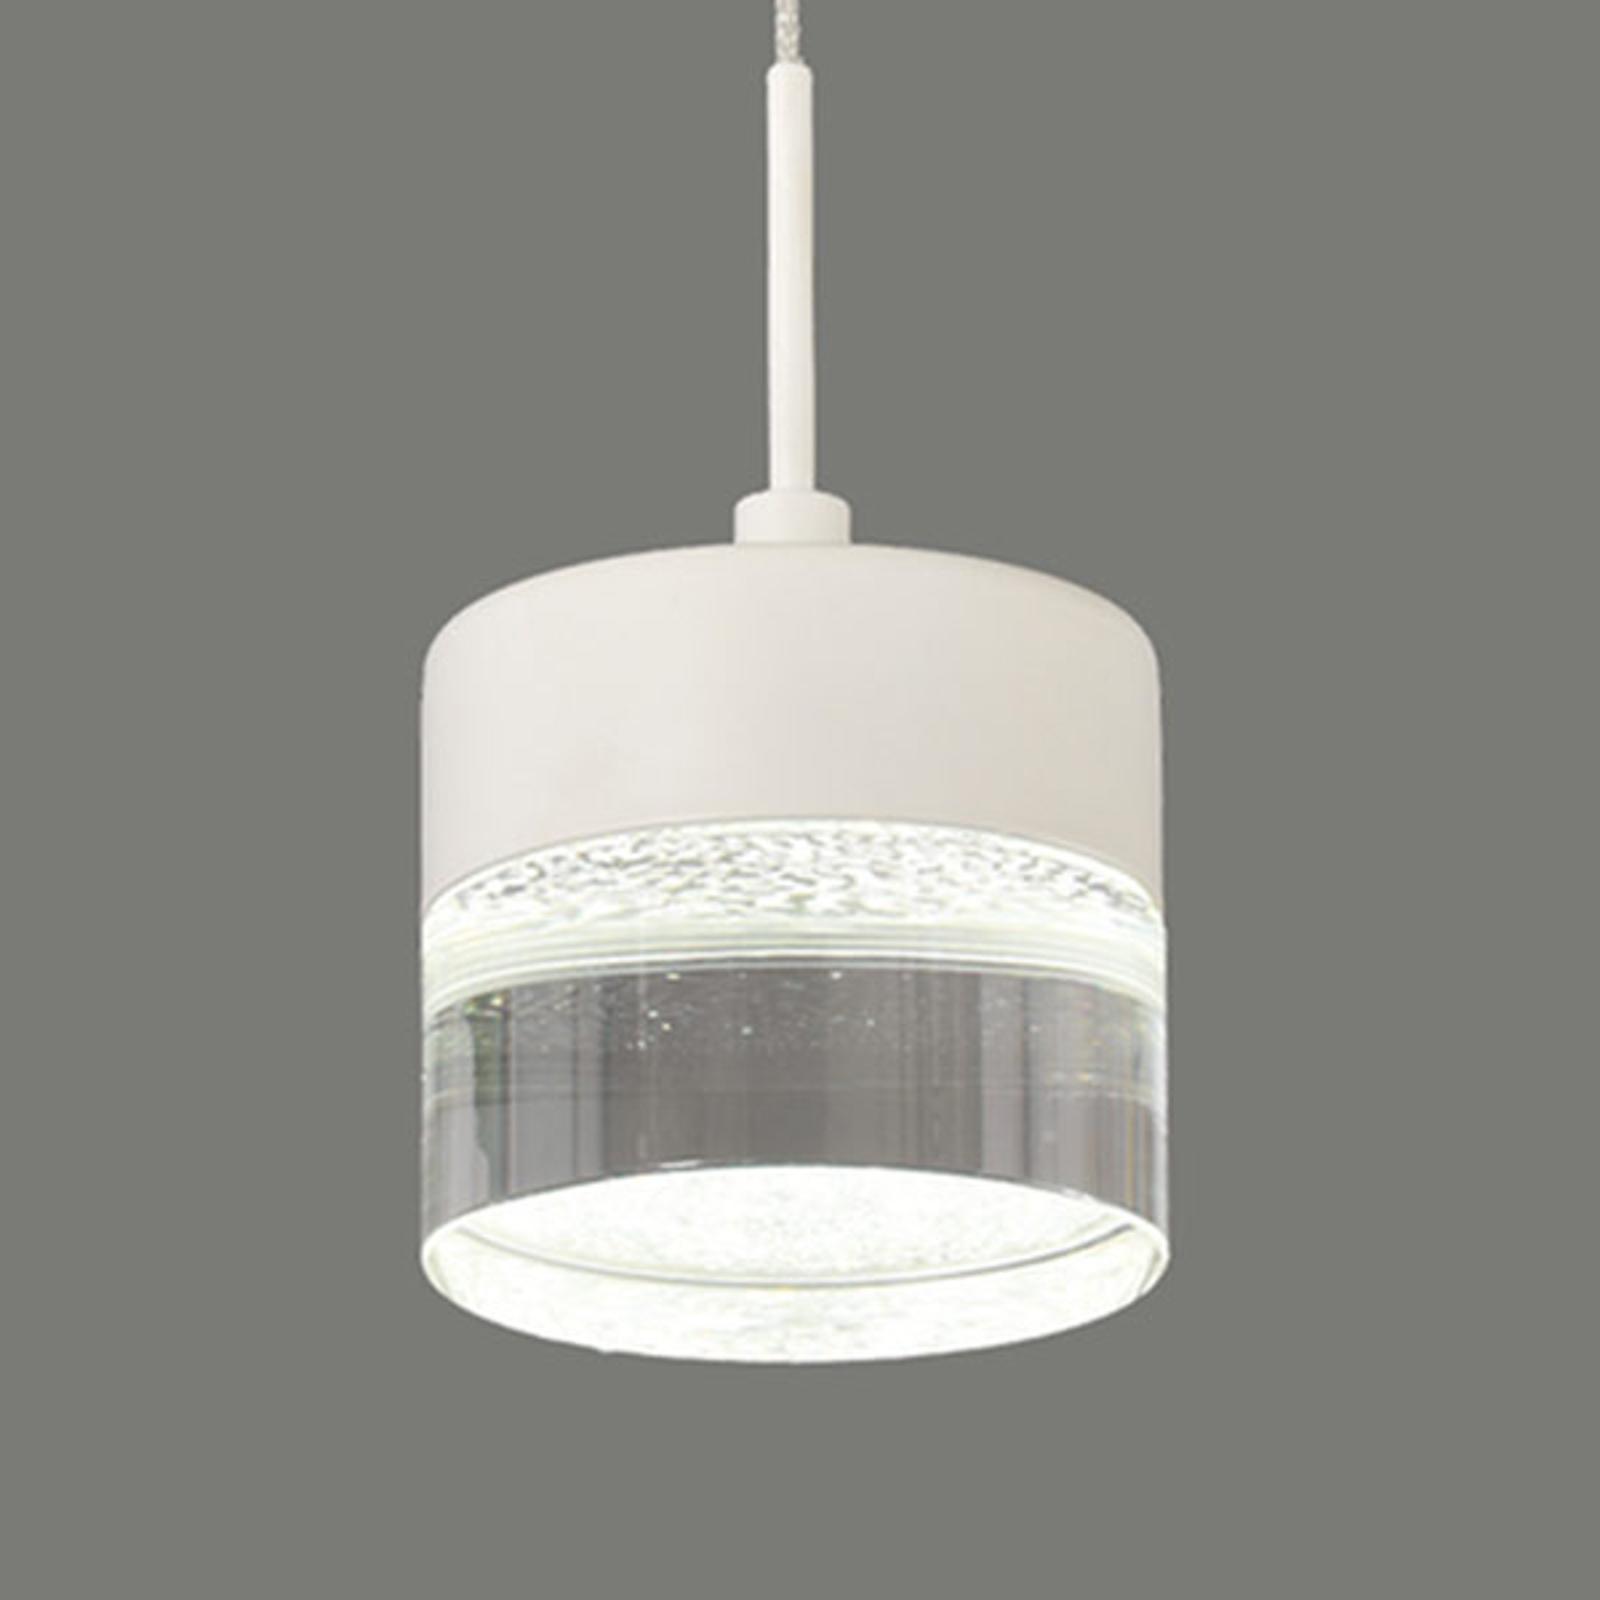 Lampa wisząca LED Austral